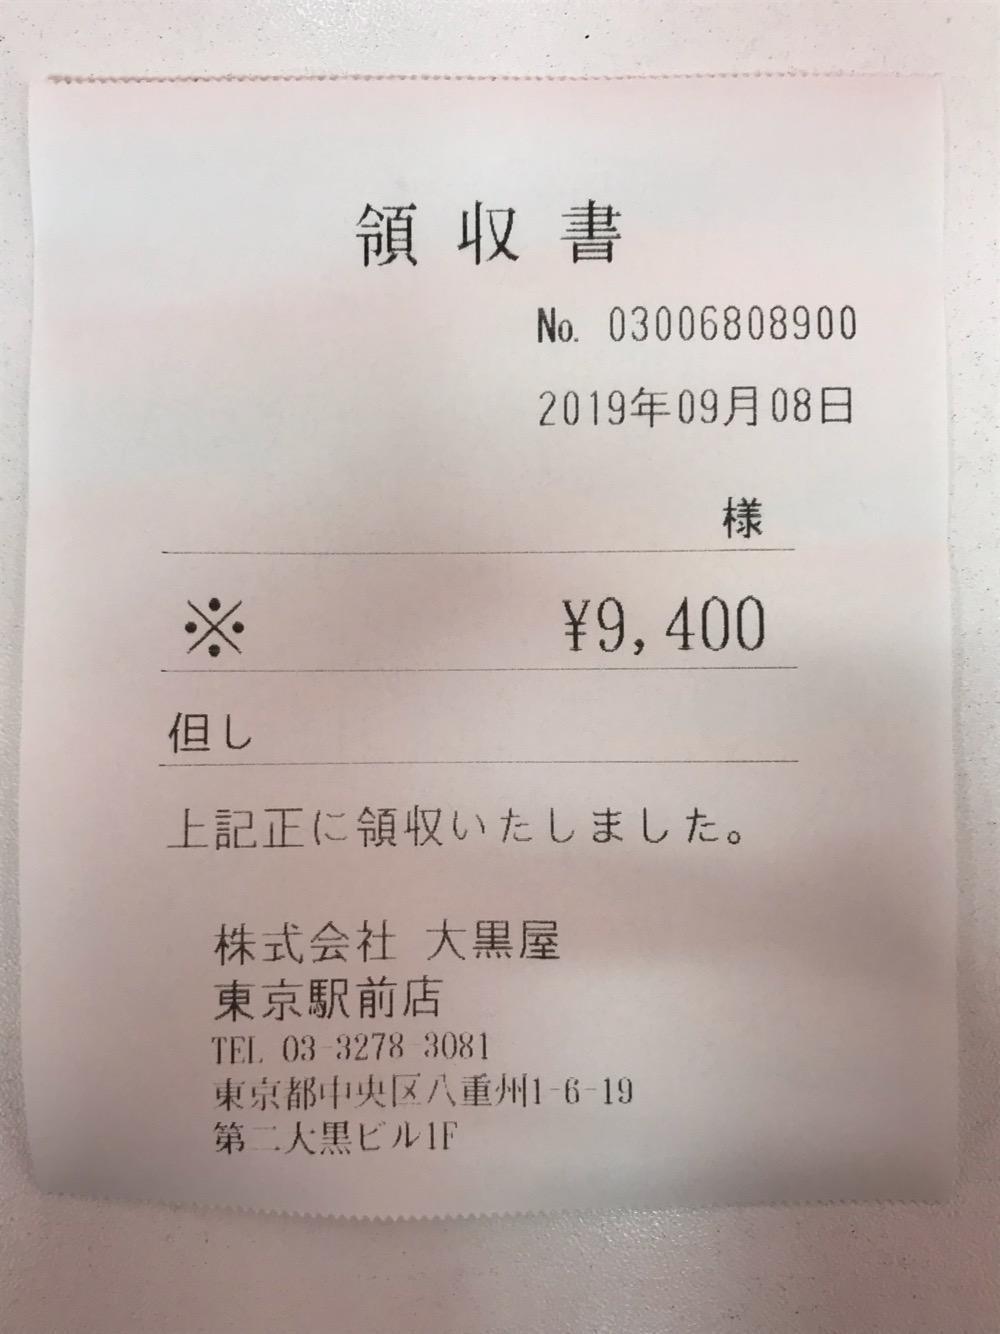 株式会社 大黒屋 東京駅前店の領収書